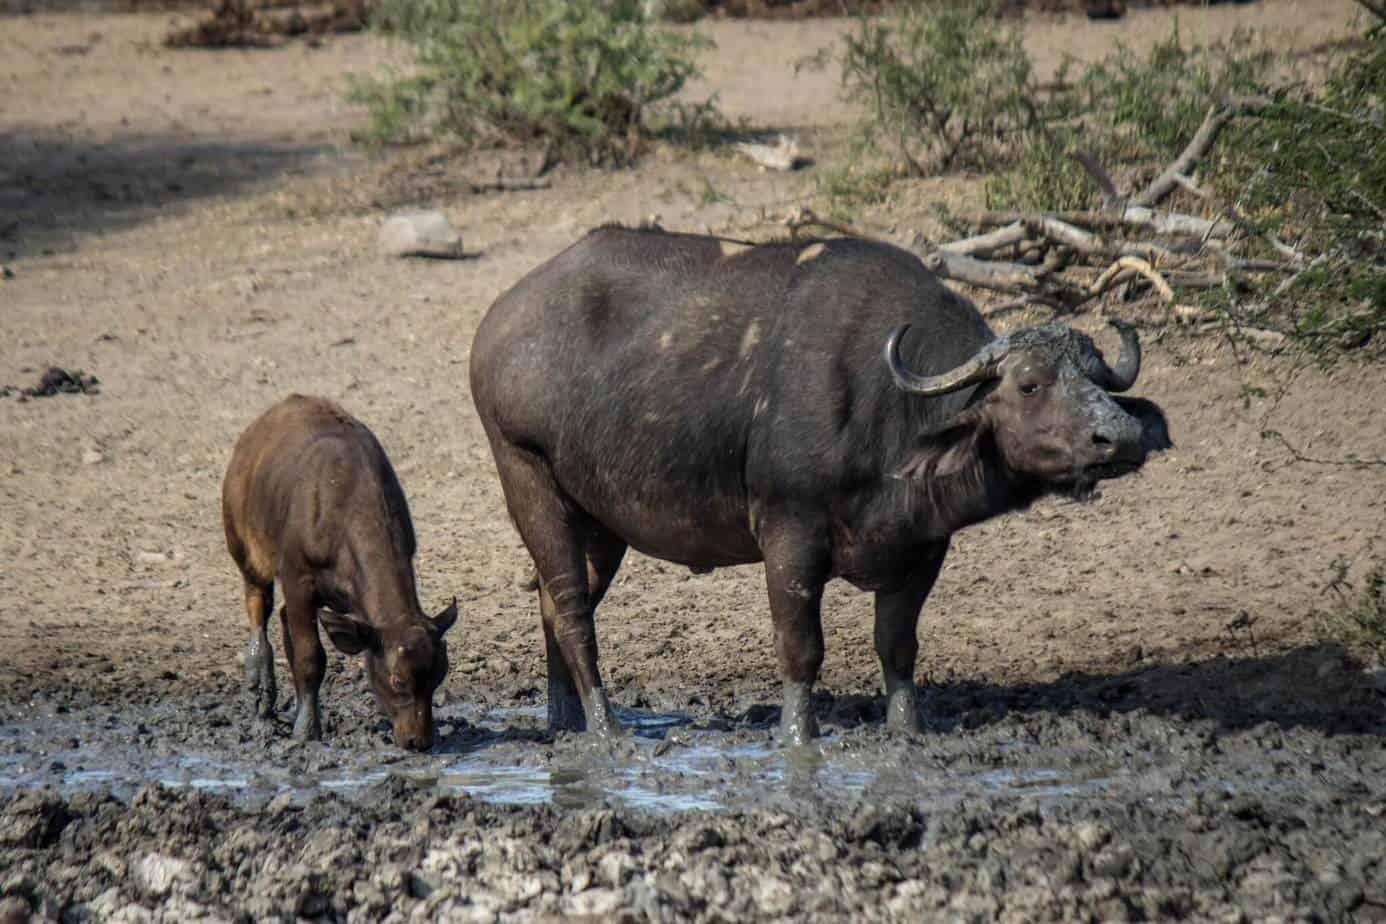 Cape Buffalo @ Hluhluwe-iMfolozi Park. Photo: Håvard Rosenlund